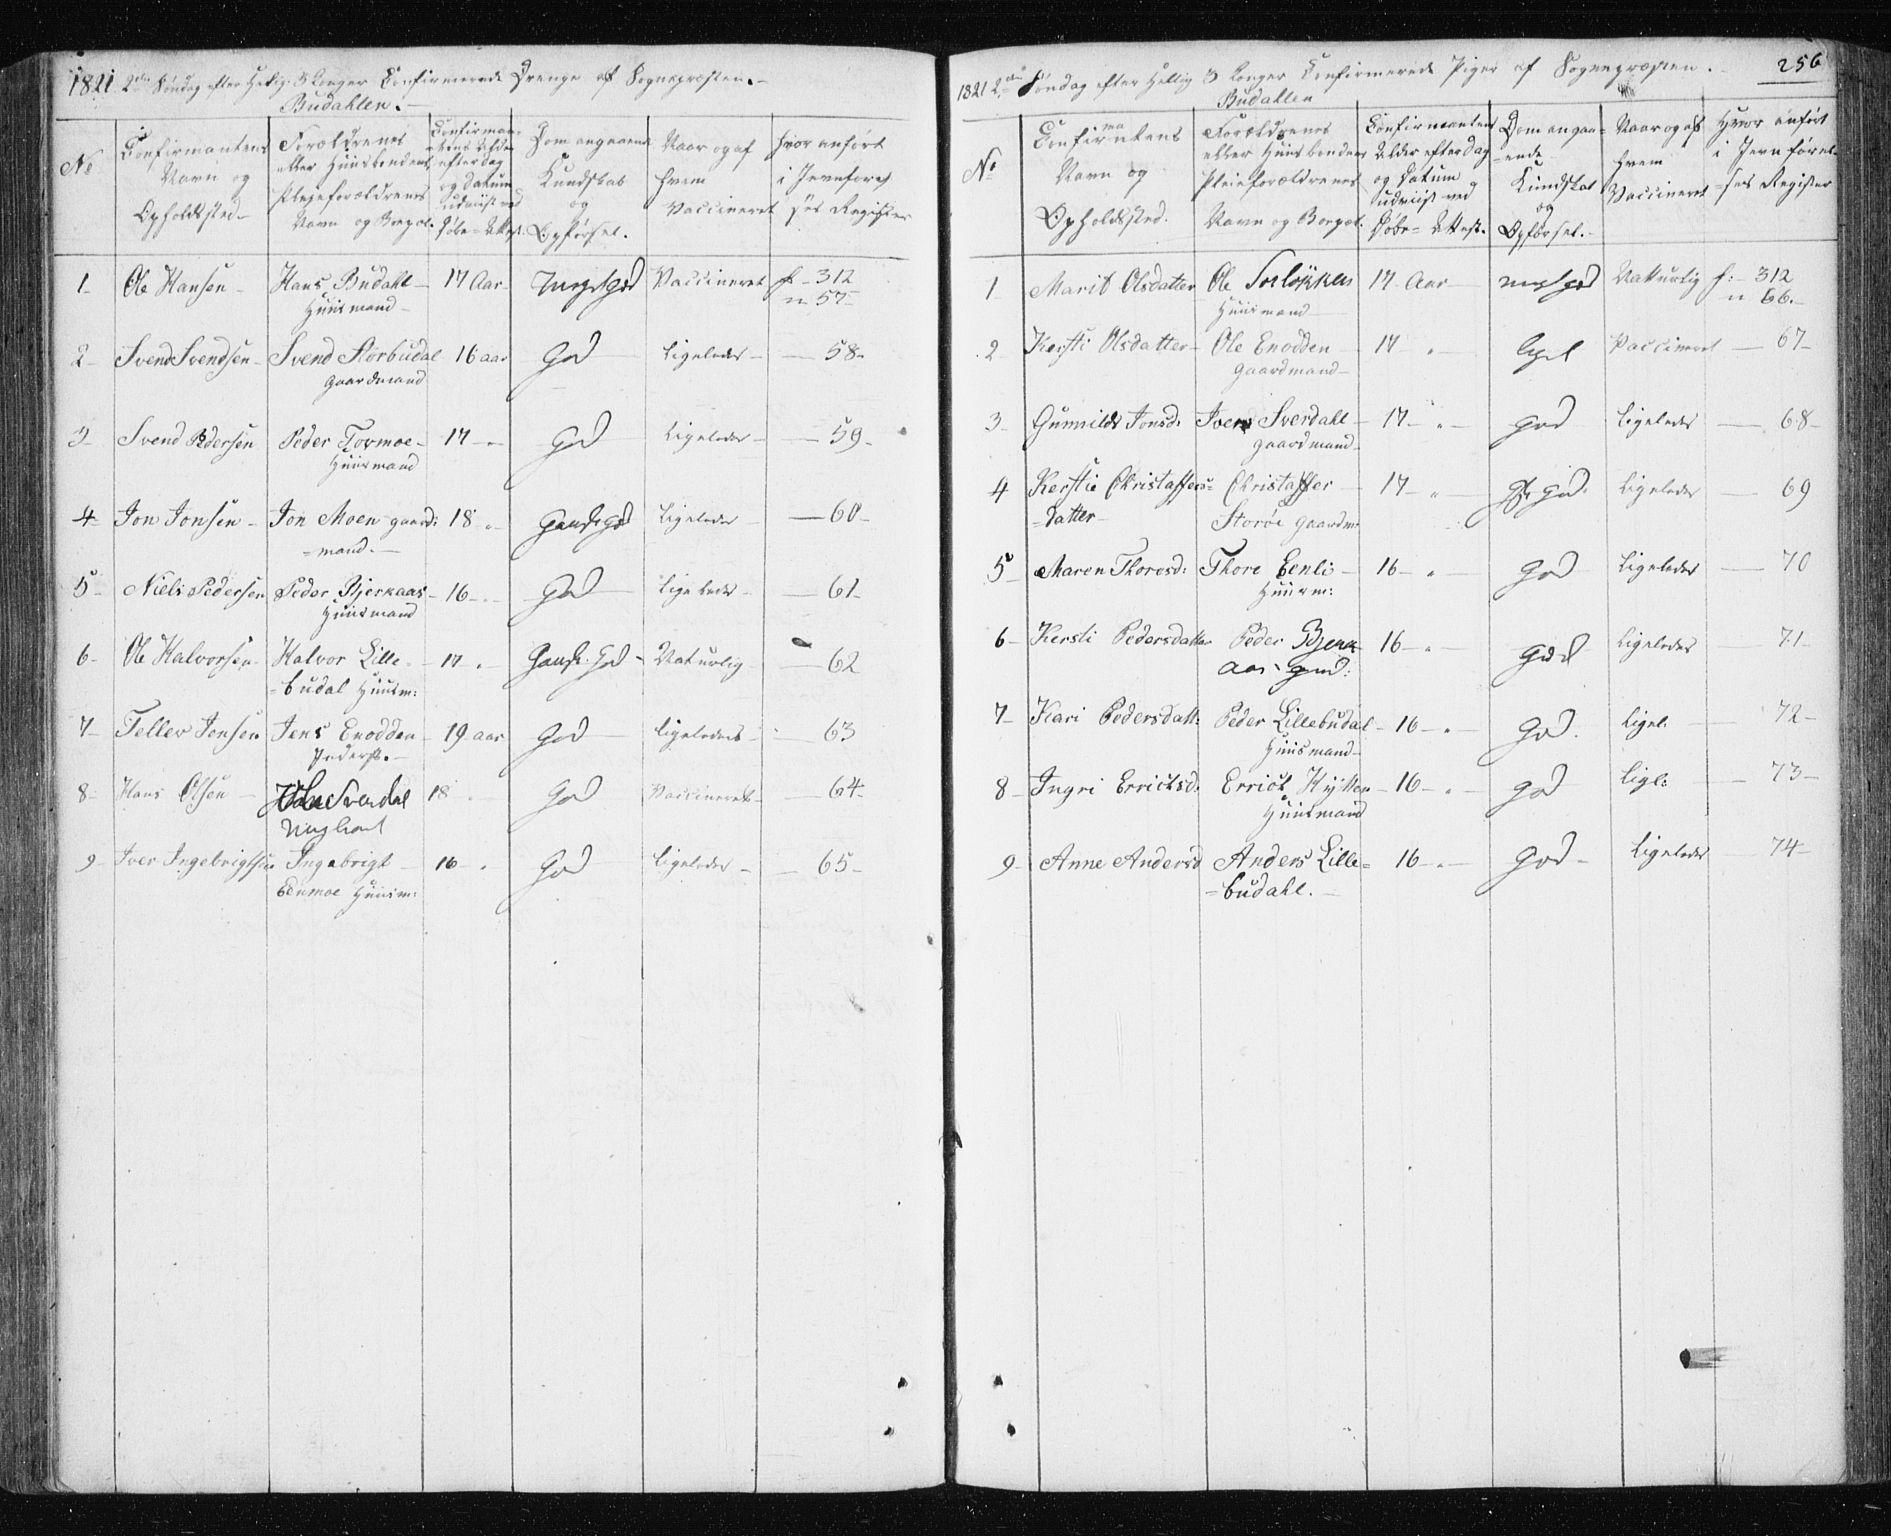 SAT, Ministerialprotokoller, klokkerbøker og fødselsregistre - Sør-Trøndelag, 687/L1017: Klokkerbok nr. 687C01, 1816-1837, s. 256